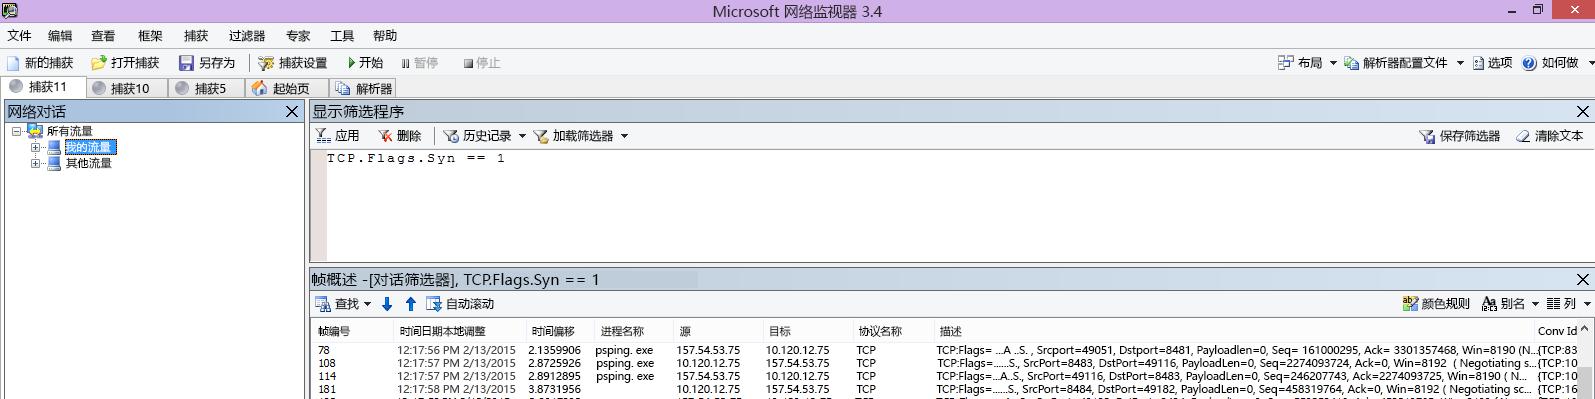 来自客户端的 Netmon 跟踪,通过筛选器 TCP.Flags.Syn == 1 显示相同的 PSPing 命令。